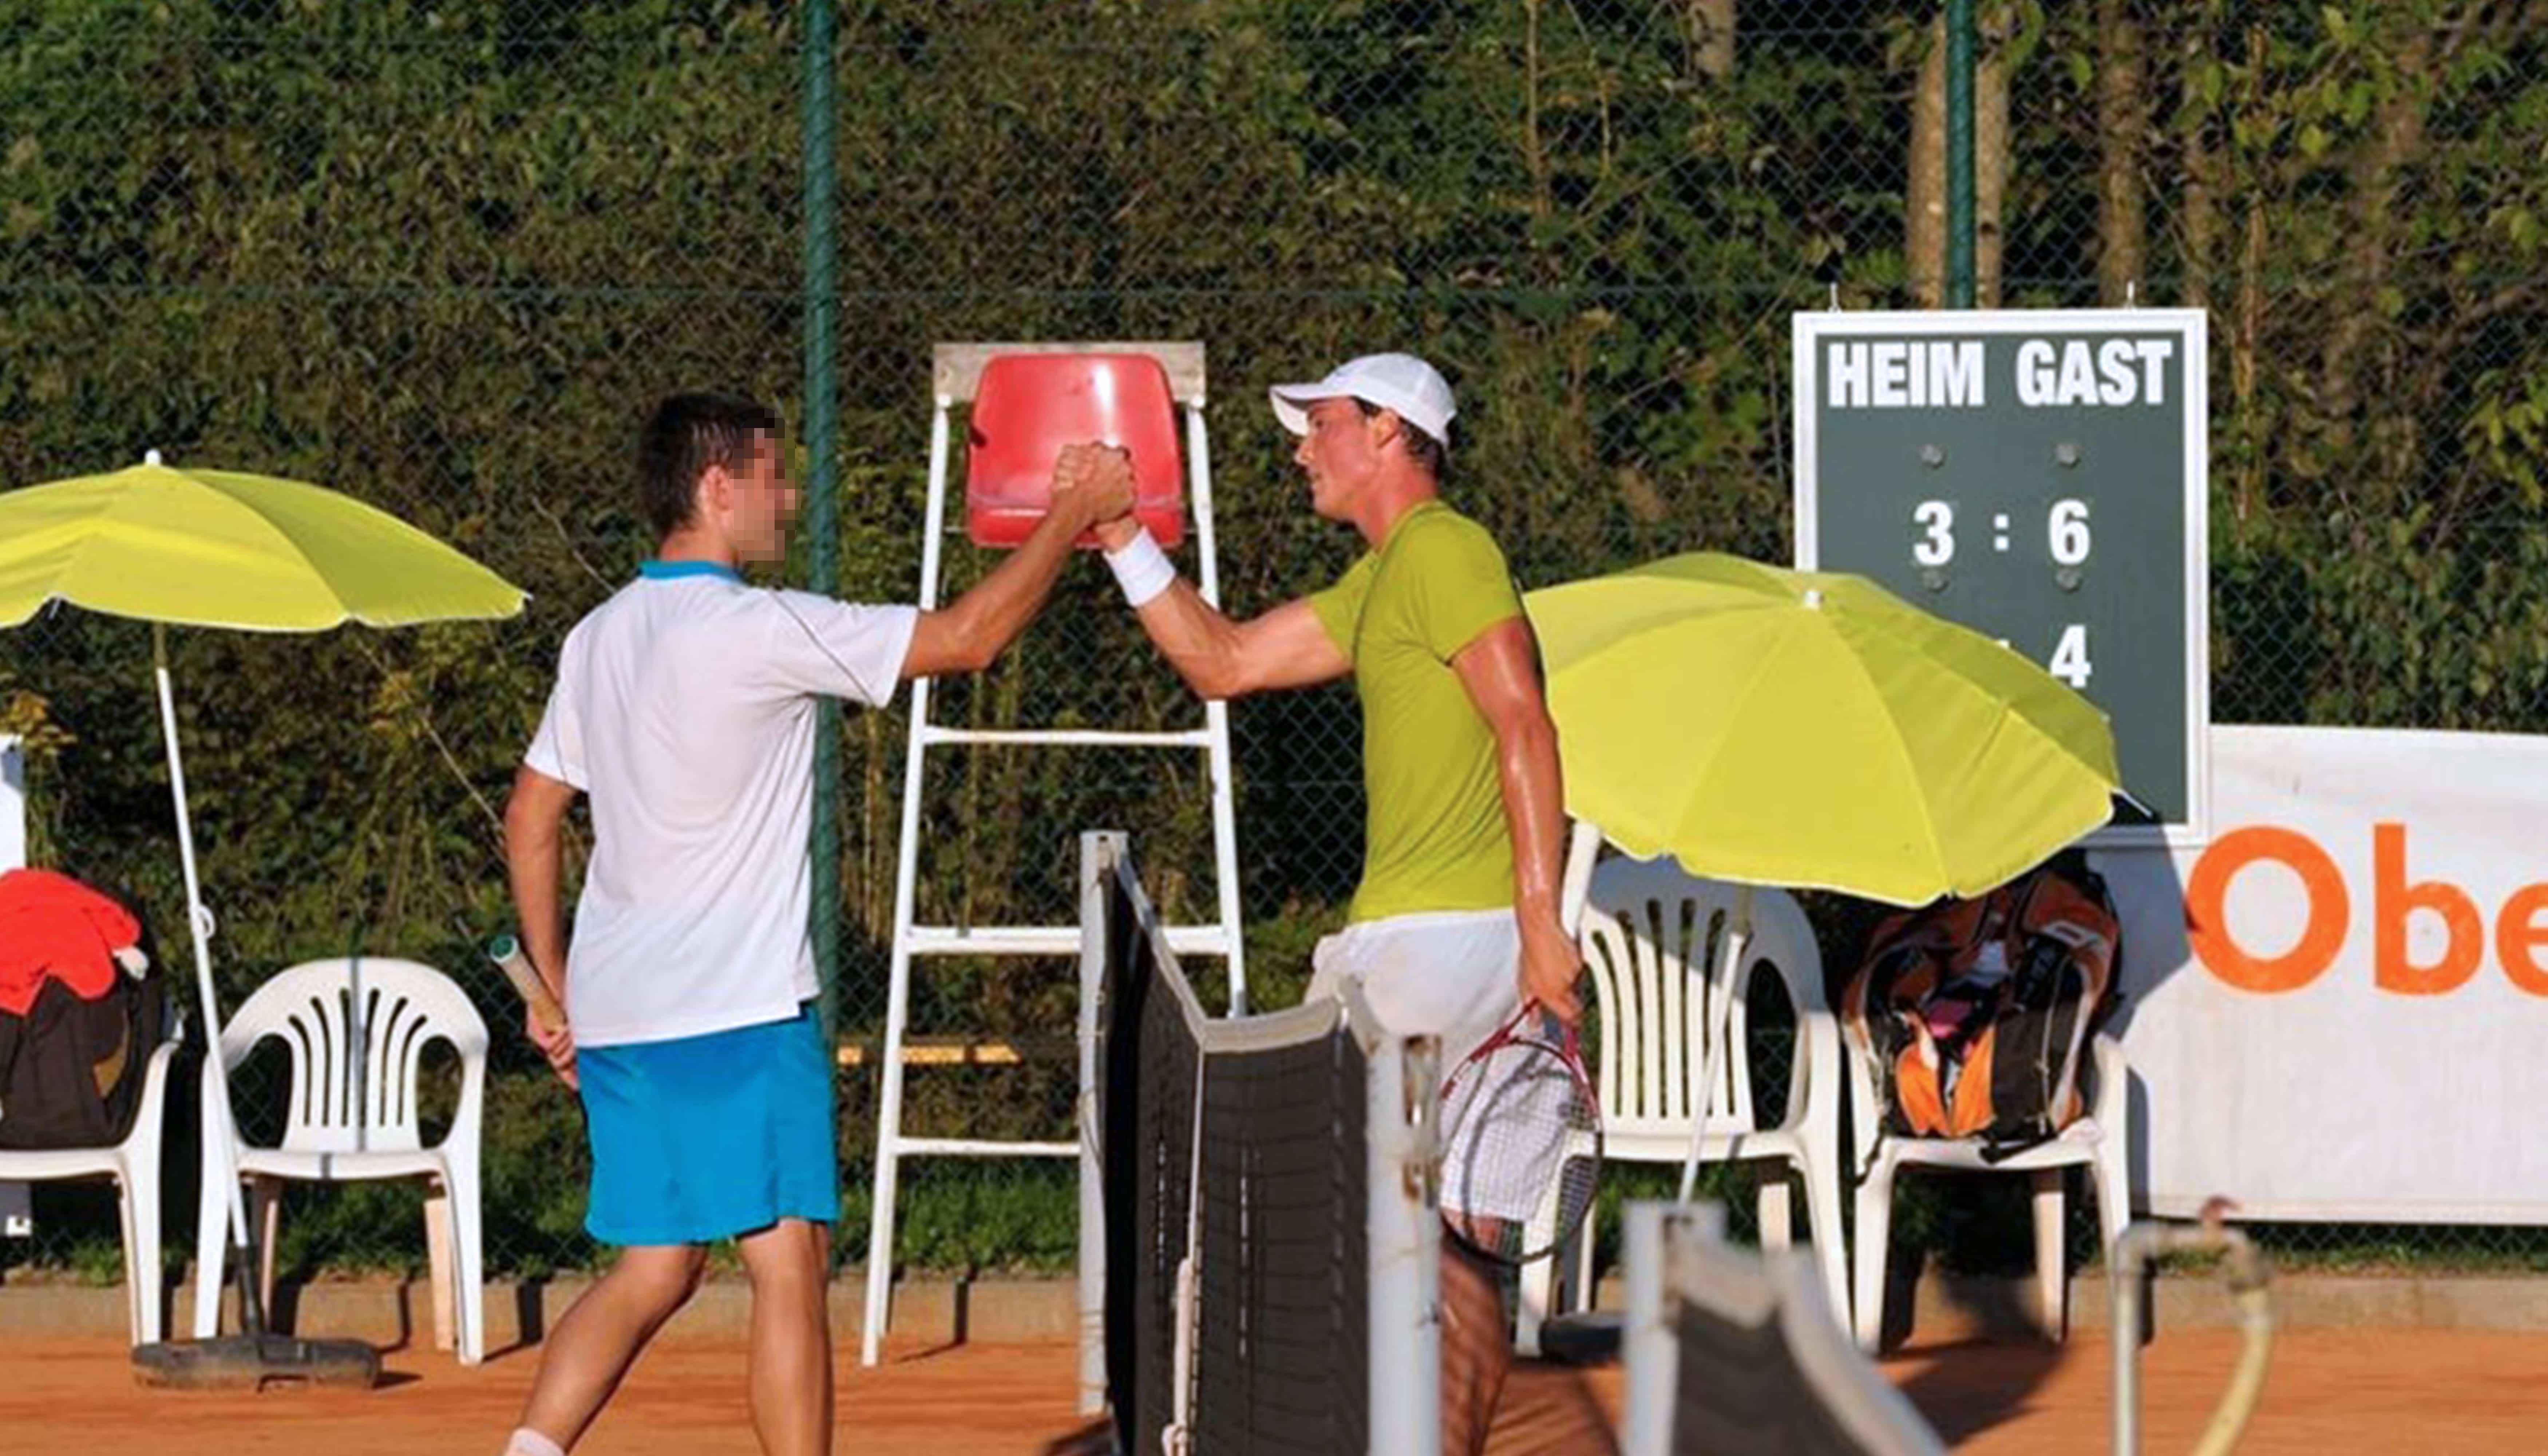 Tennis Turniere City Outlet Blog Dominik Wirlend Turniersystem